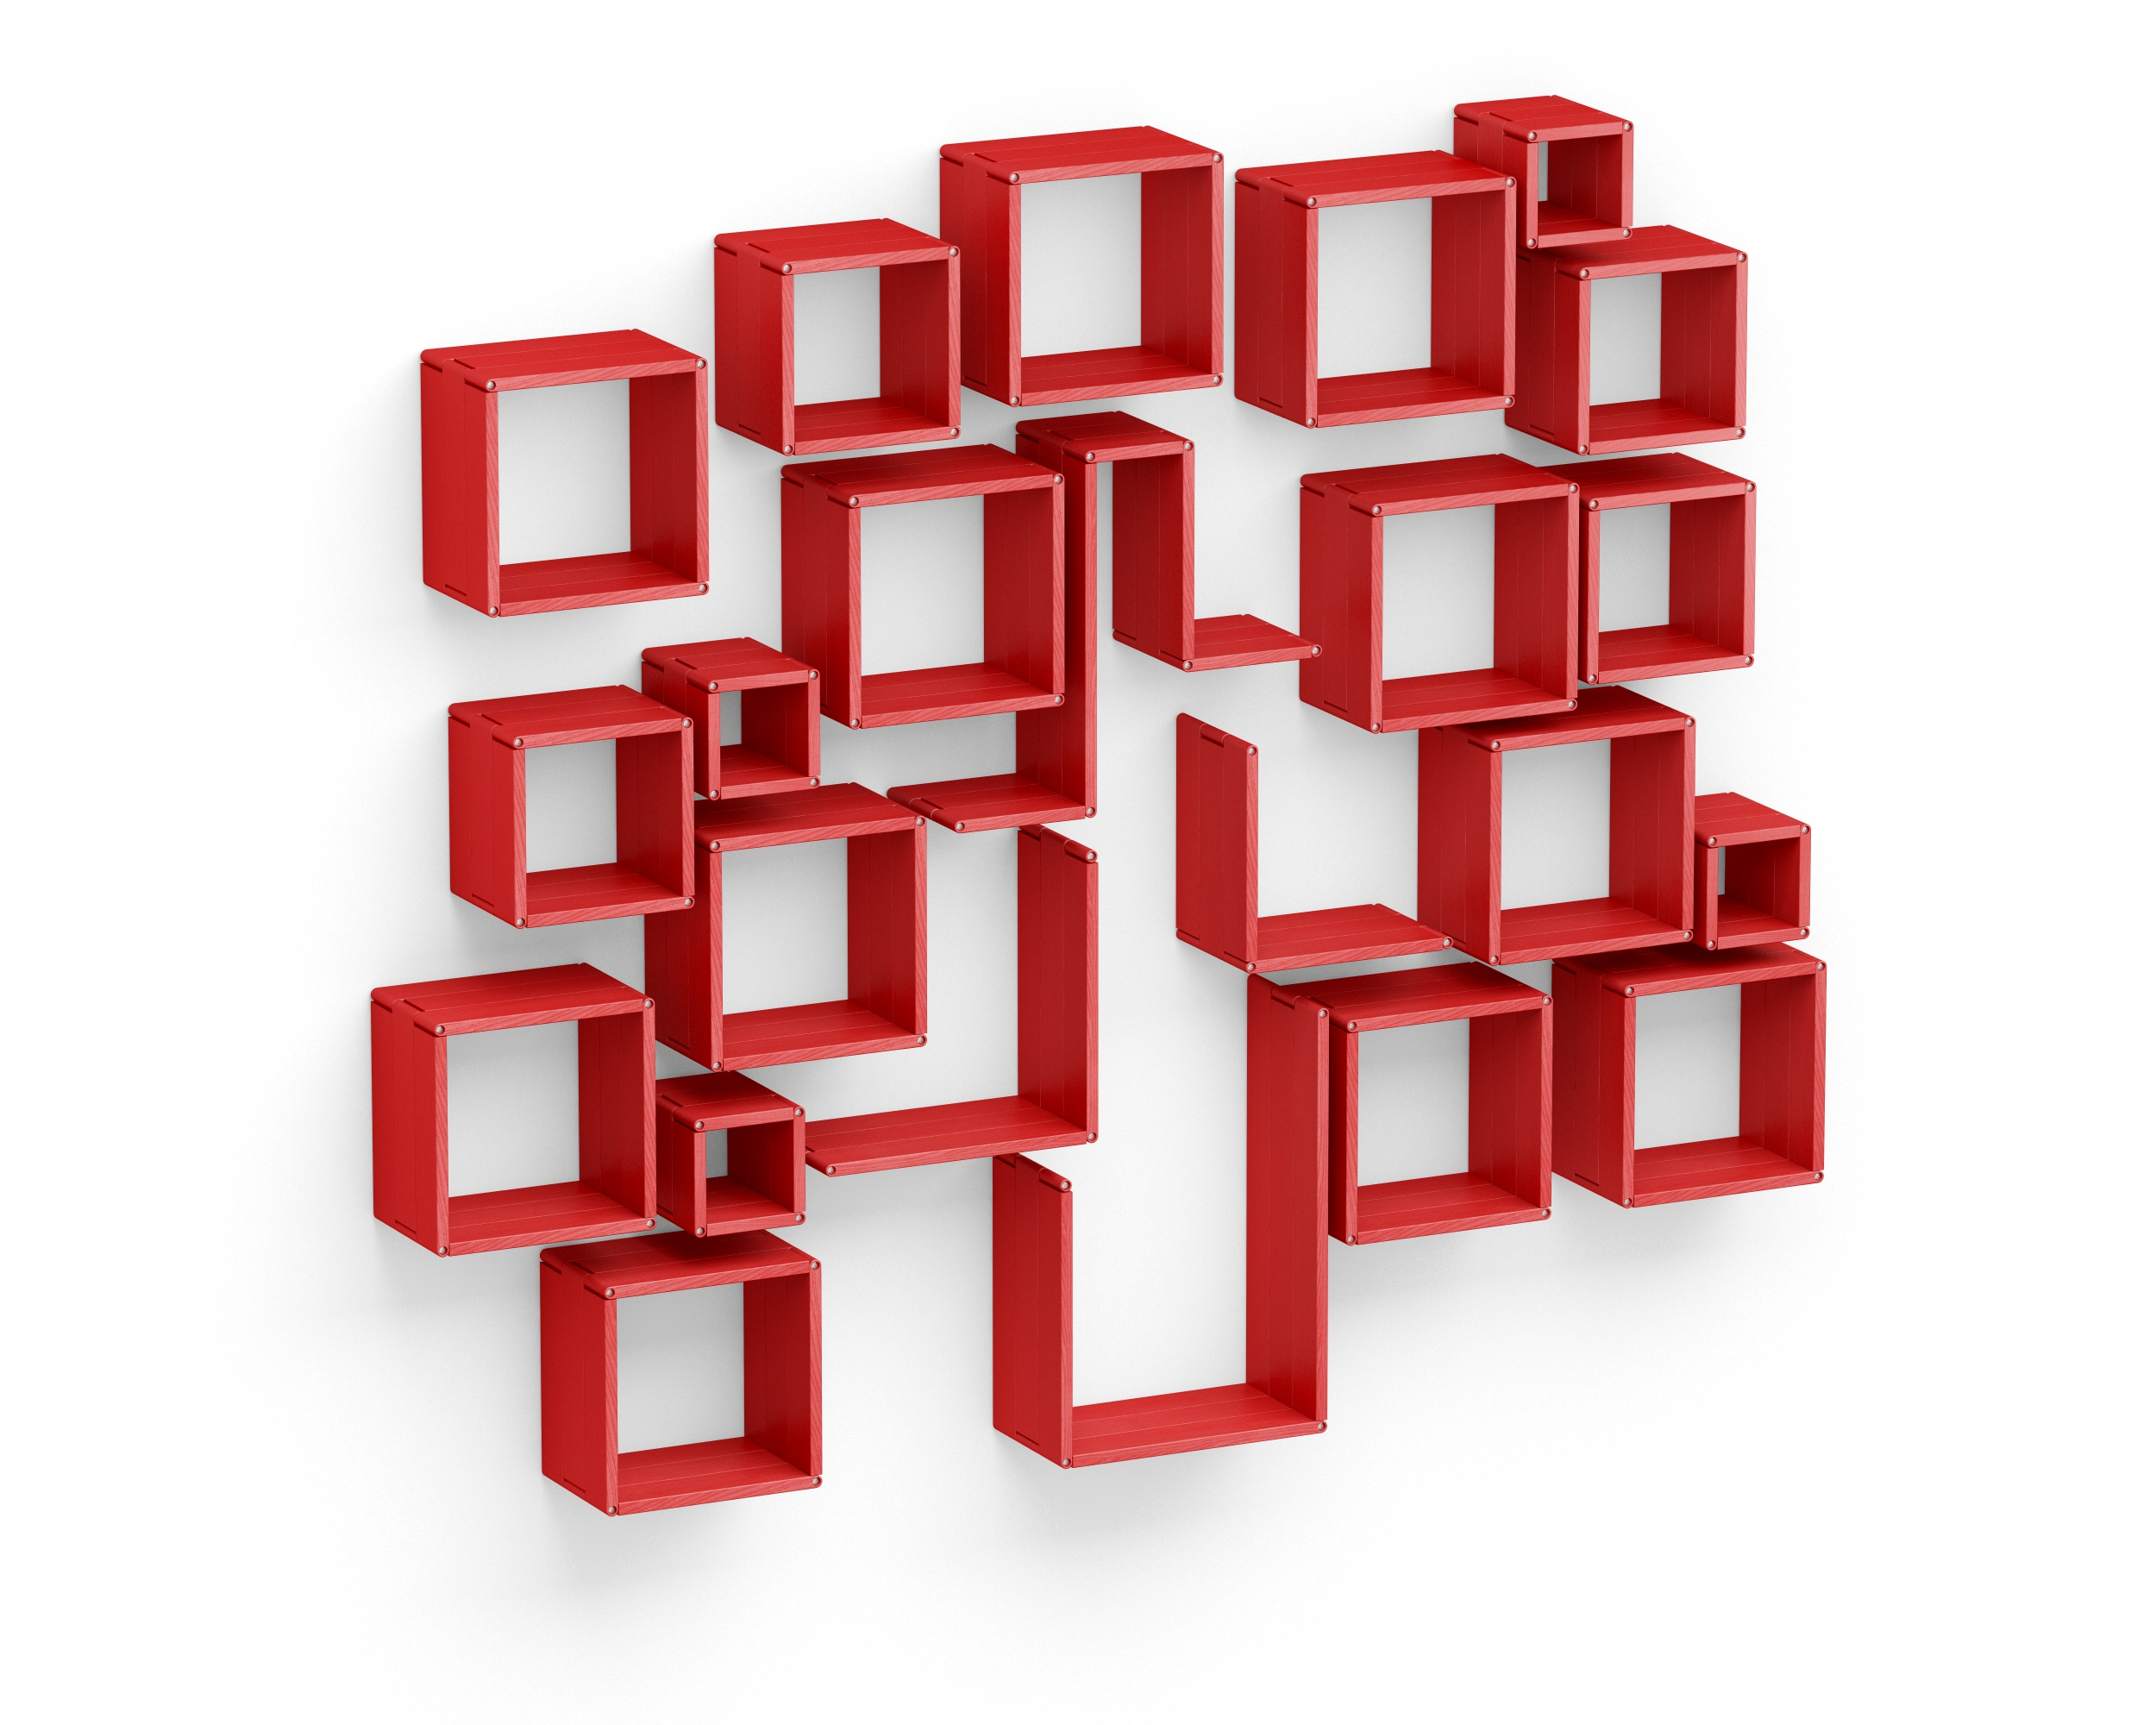 Полка-конструктор LATITUDE Flex Shelf set 123Полки<br>&amp;quot;Latitude Flex Shelf Set 123&amp;quot; ? одно из самых достойных творений современных российских дизайнеров, пробуждающее фантазию и помогающее творить! Представляет собой набор ярко-красных деревянных фрагментов, с помощью которых стены в доме можно превратить в настоящее произведение современного искусства. Объемные полки отлично подходят для украшения пространства, а также для создания дополнительных мест хранения. Именно этот набор хорошо будет смотреться с акцентом в виде эклектичной вазы, статуэтки или кубка, установленных посередине.<br><br>Material: Ясень<br>Width см: 203<br>Depth см: 22<br>Height см: 186